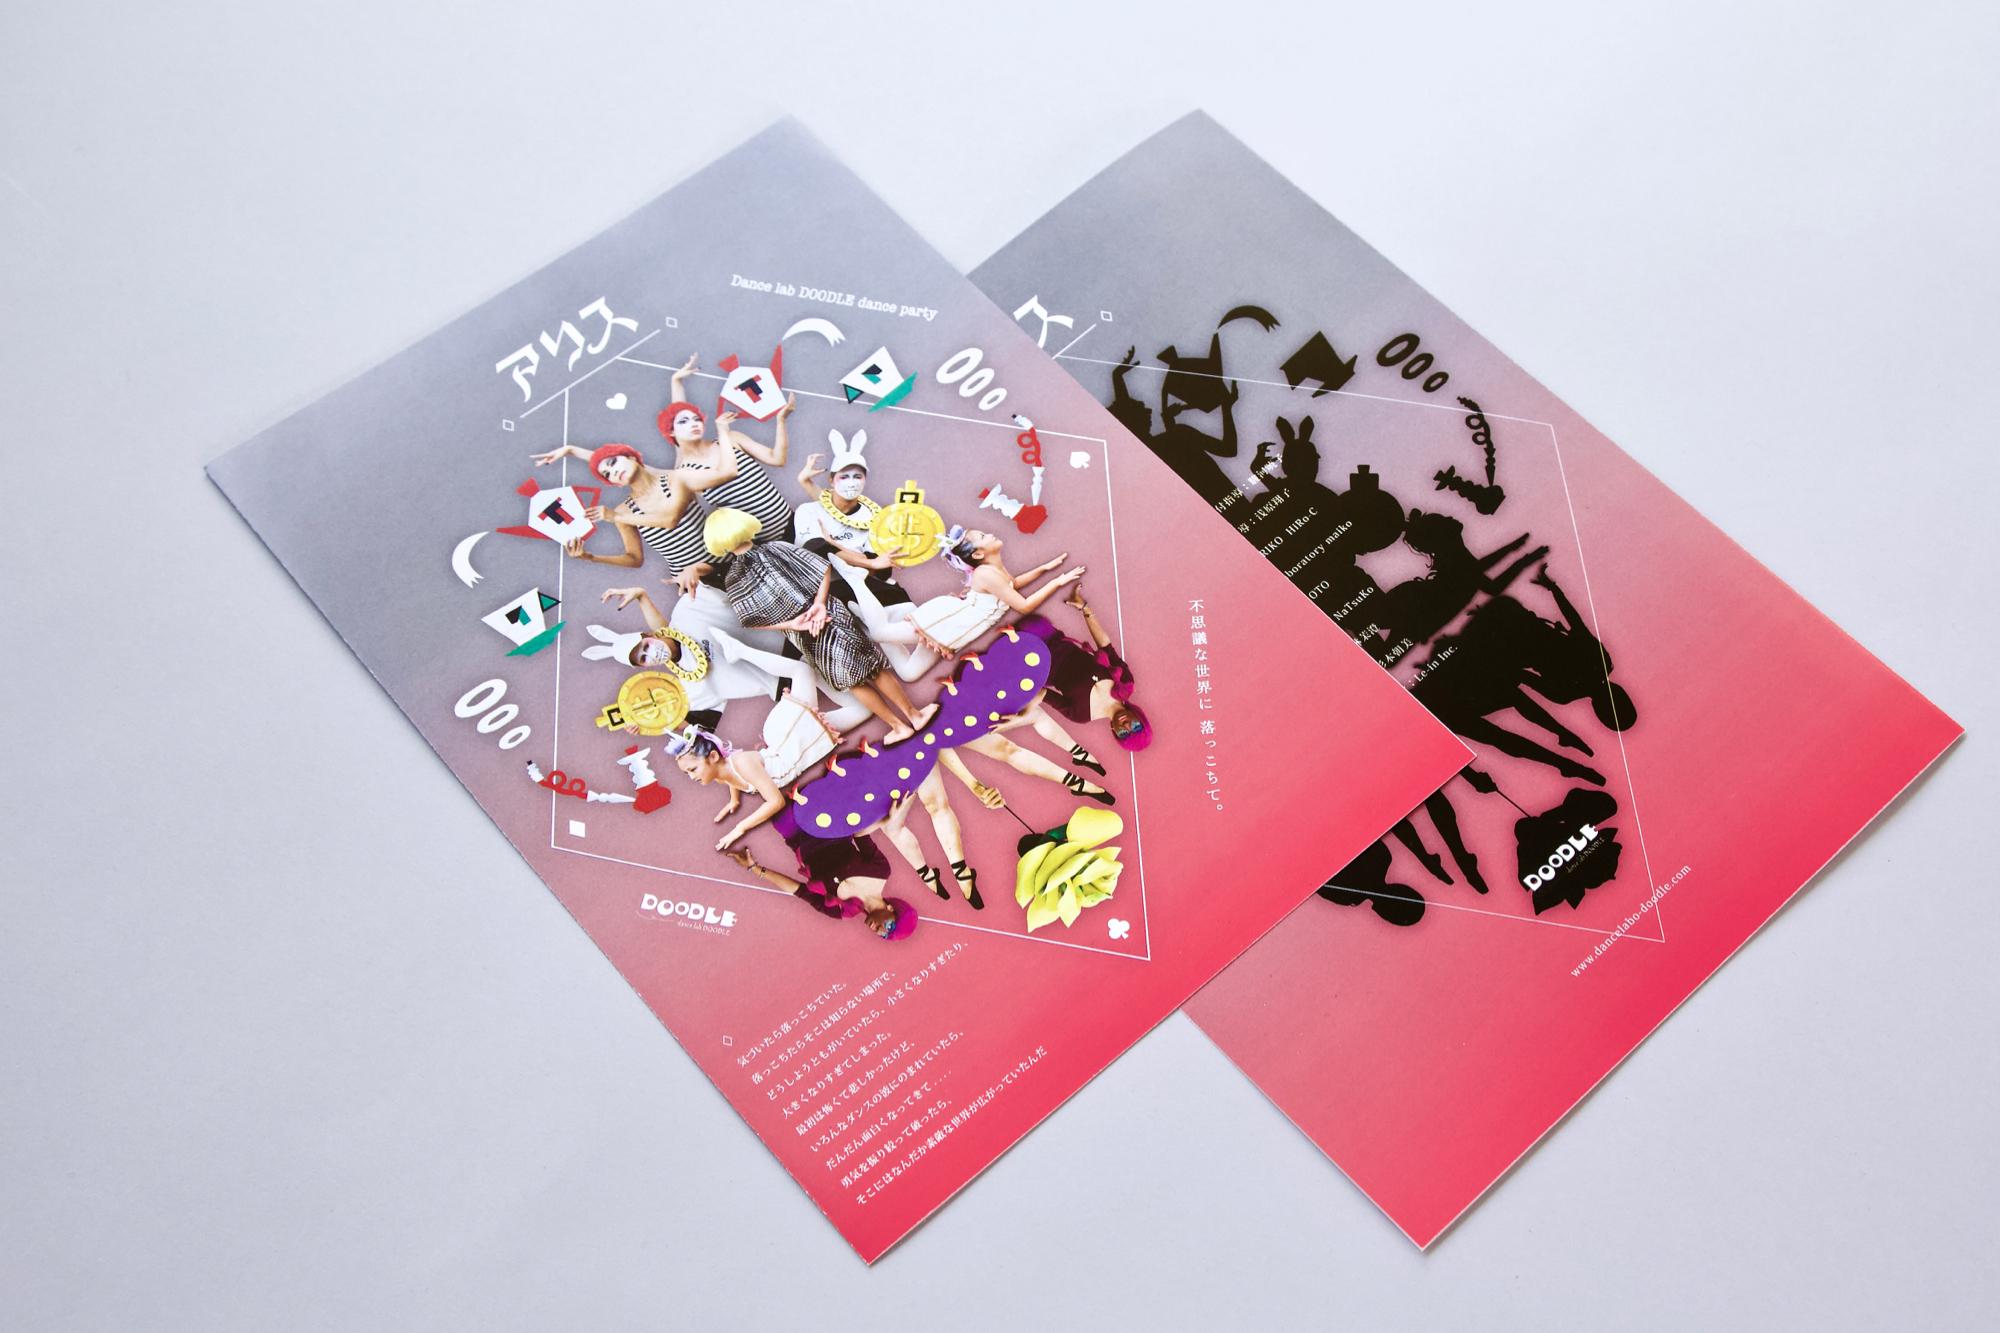 ダンス発表会 ツールデザイン |ポスターDM & プログラム